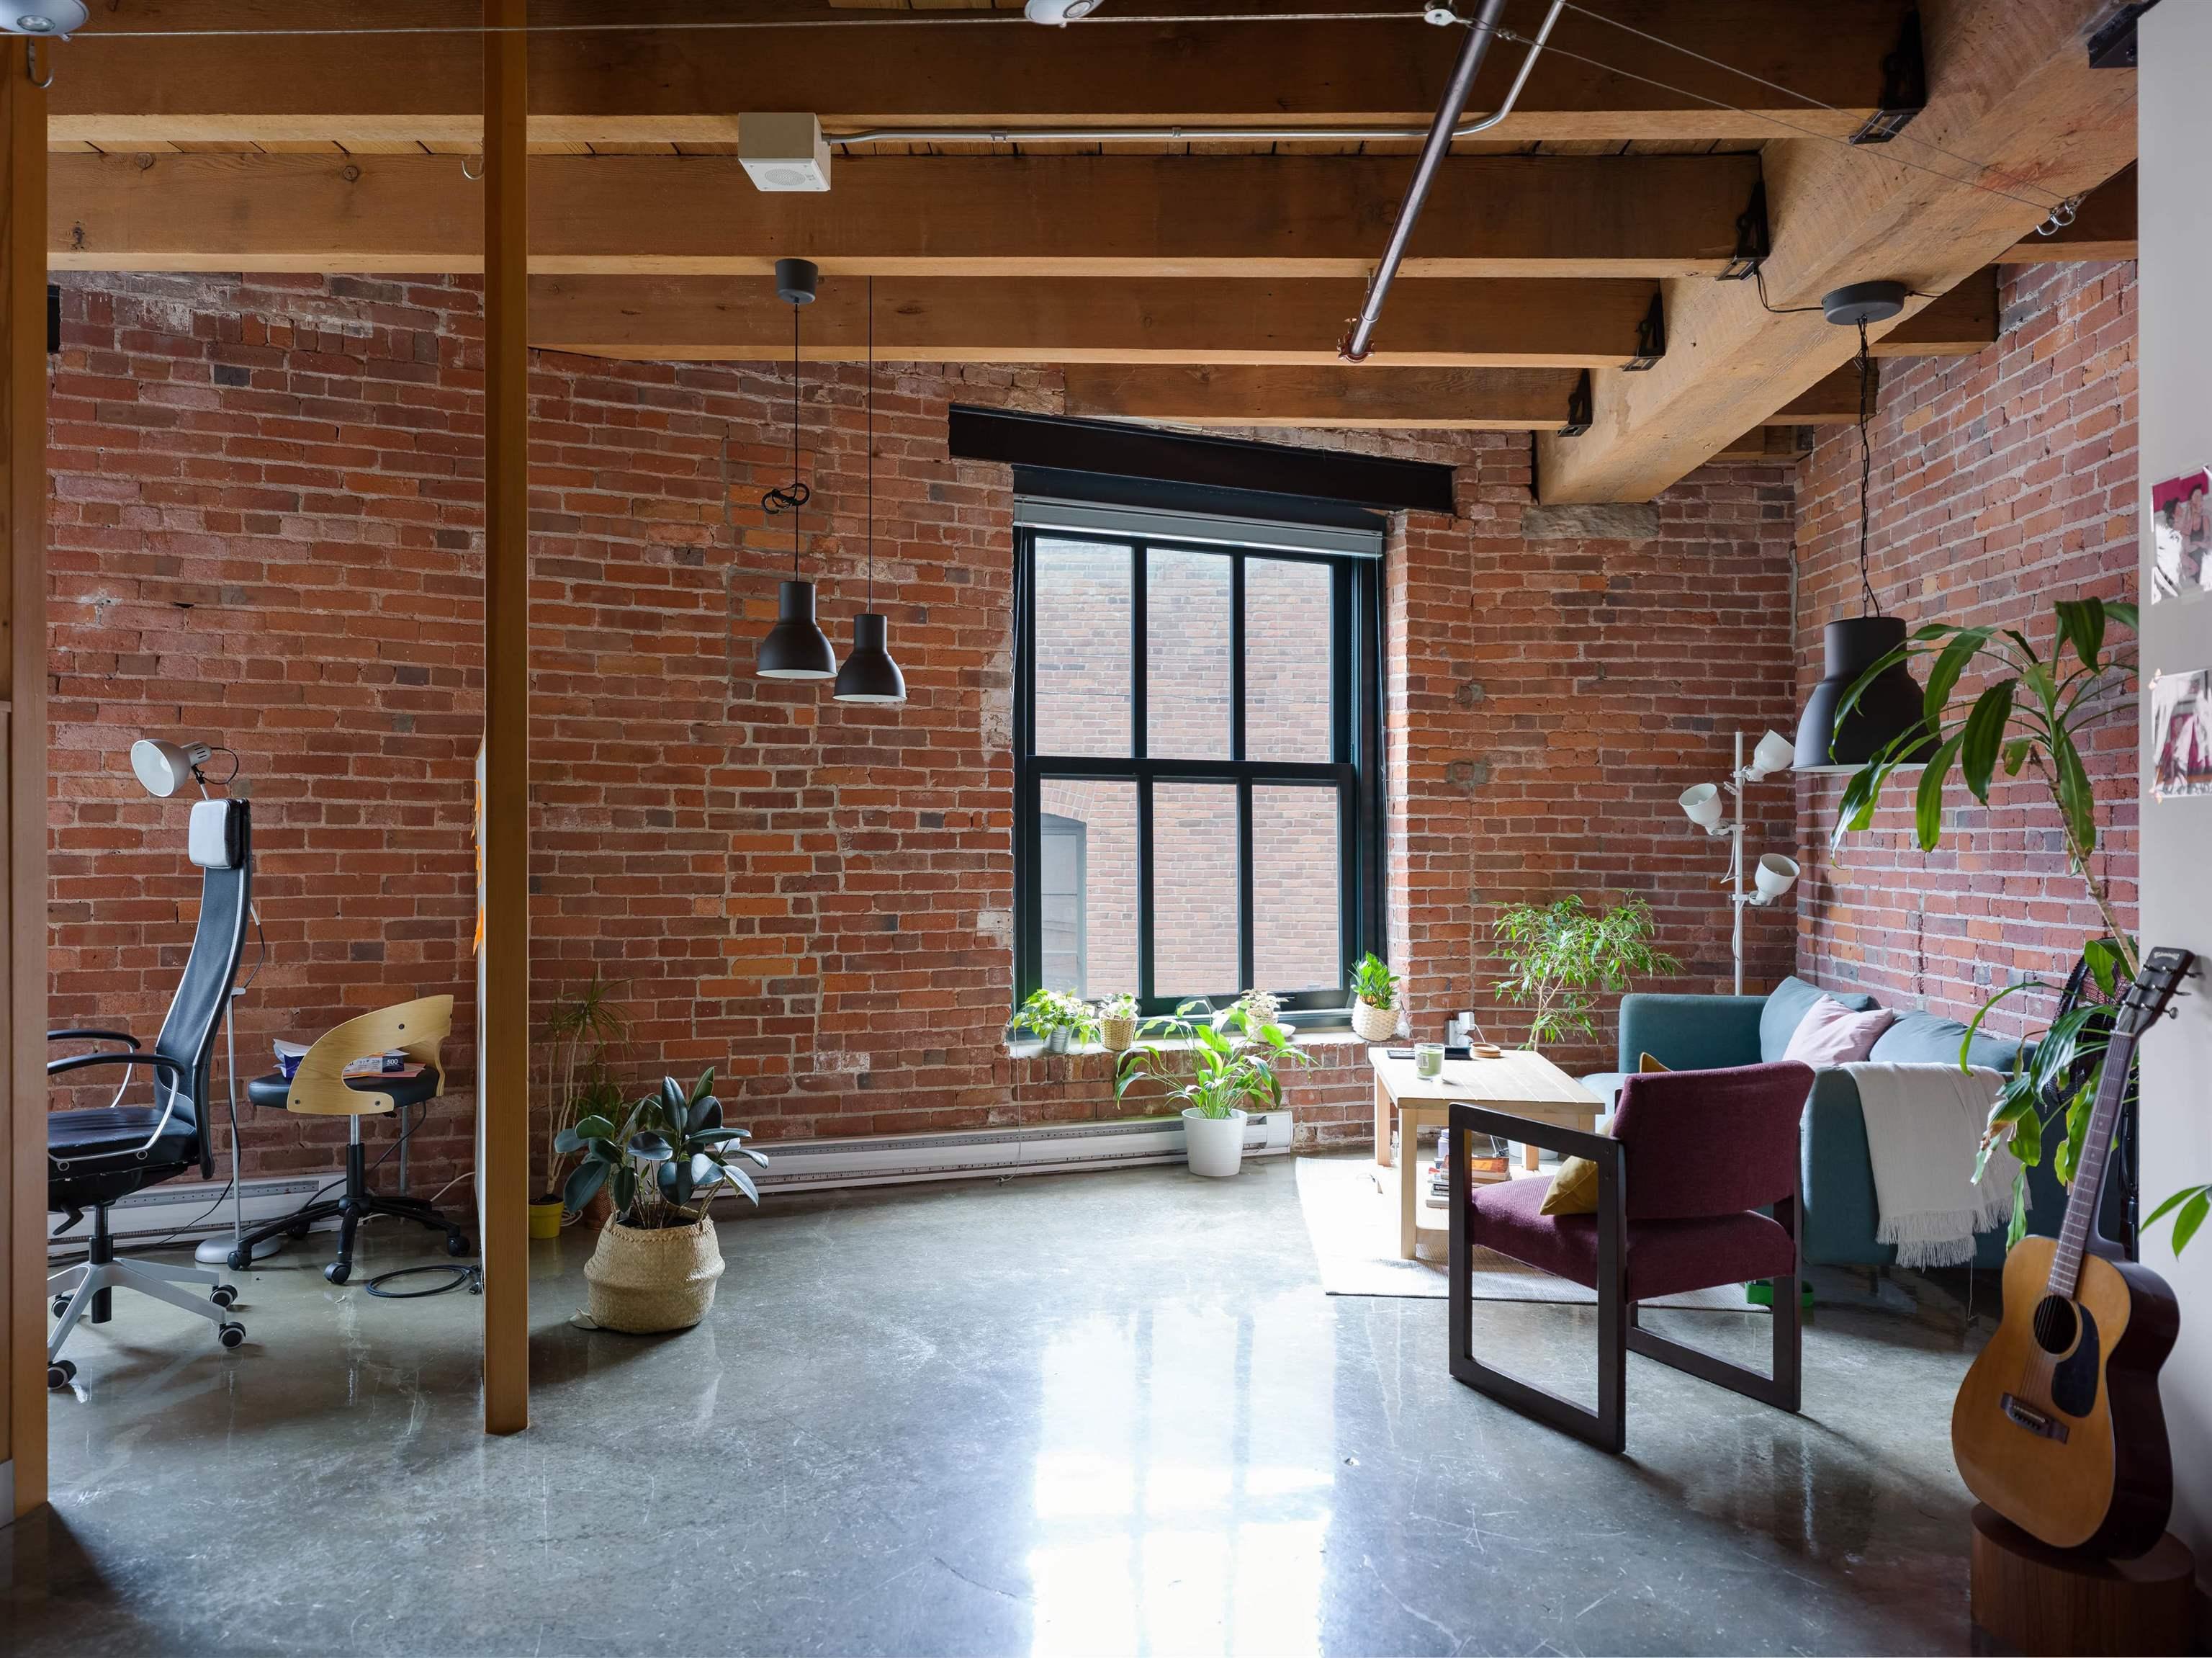 203 55 E CORDOVA STREET - Downtown VE Apartment/Condo for sale, 2 Bedrooms (R2624713) - #1